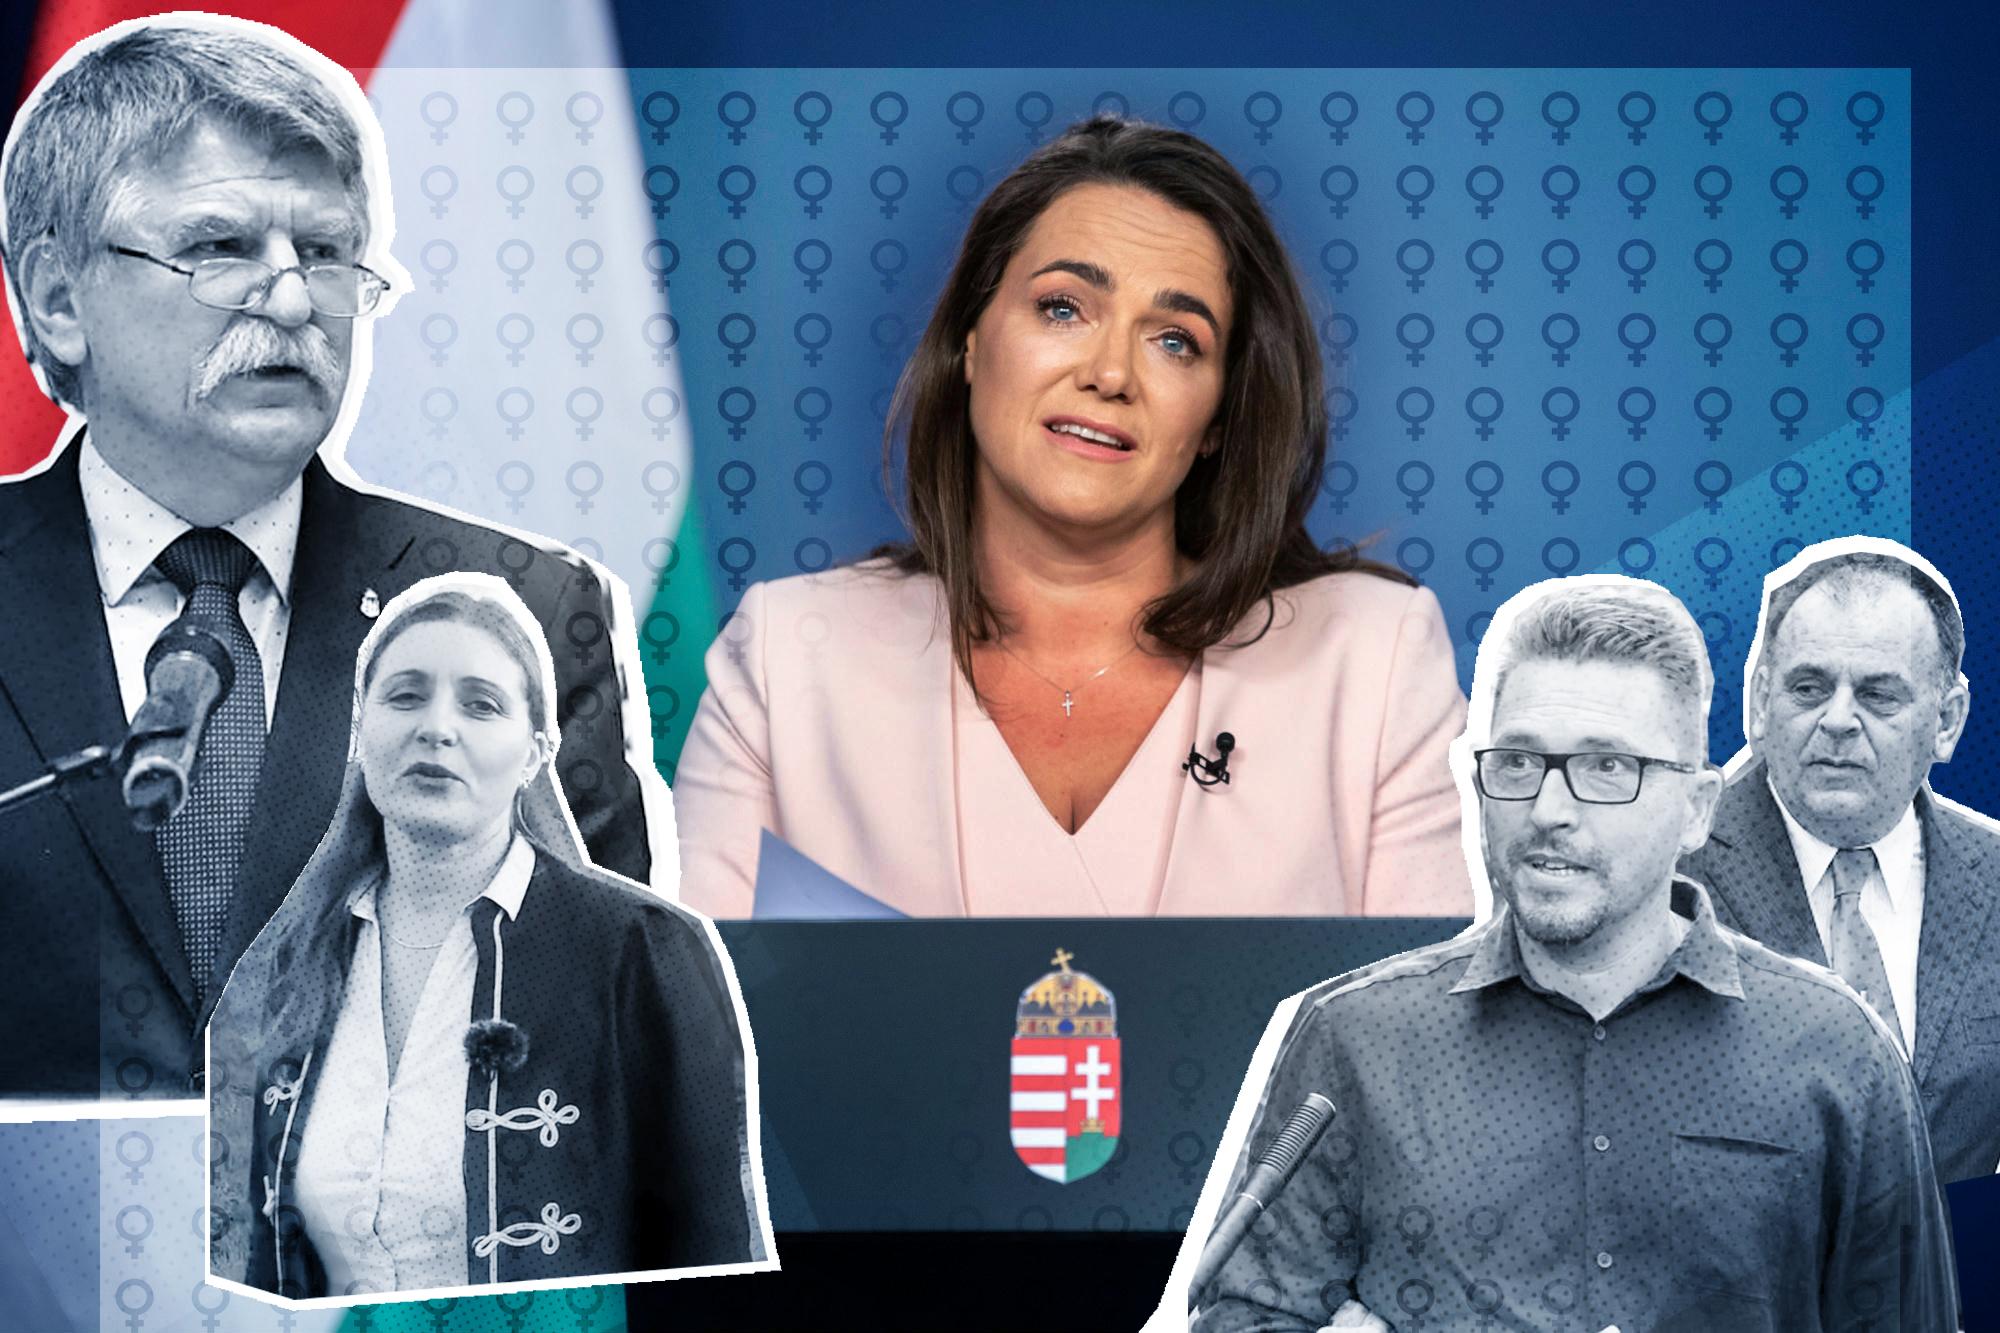 Még ha kedvesen is mondja, akkor is szülőgépnek minősíti a nőket Novák miniszter